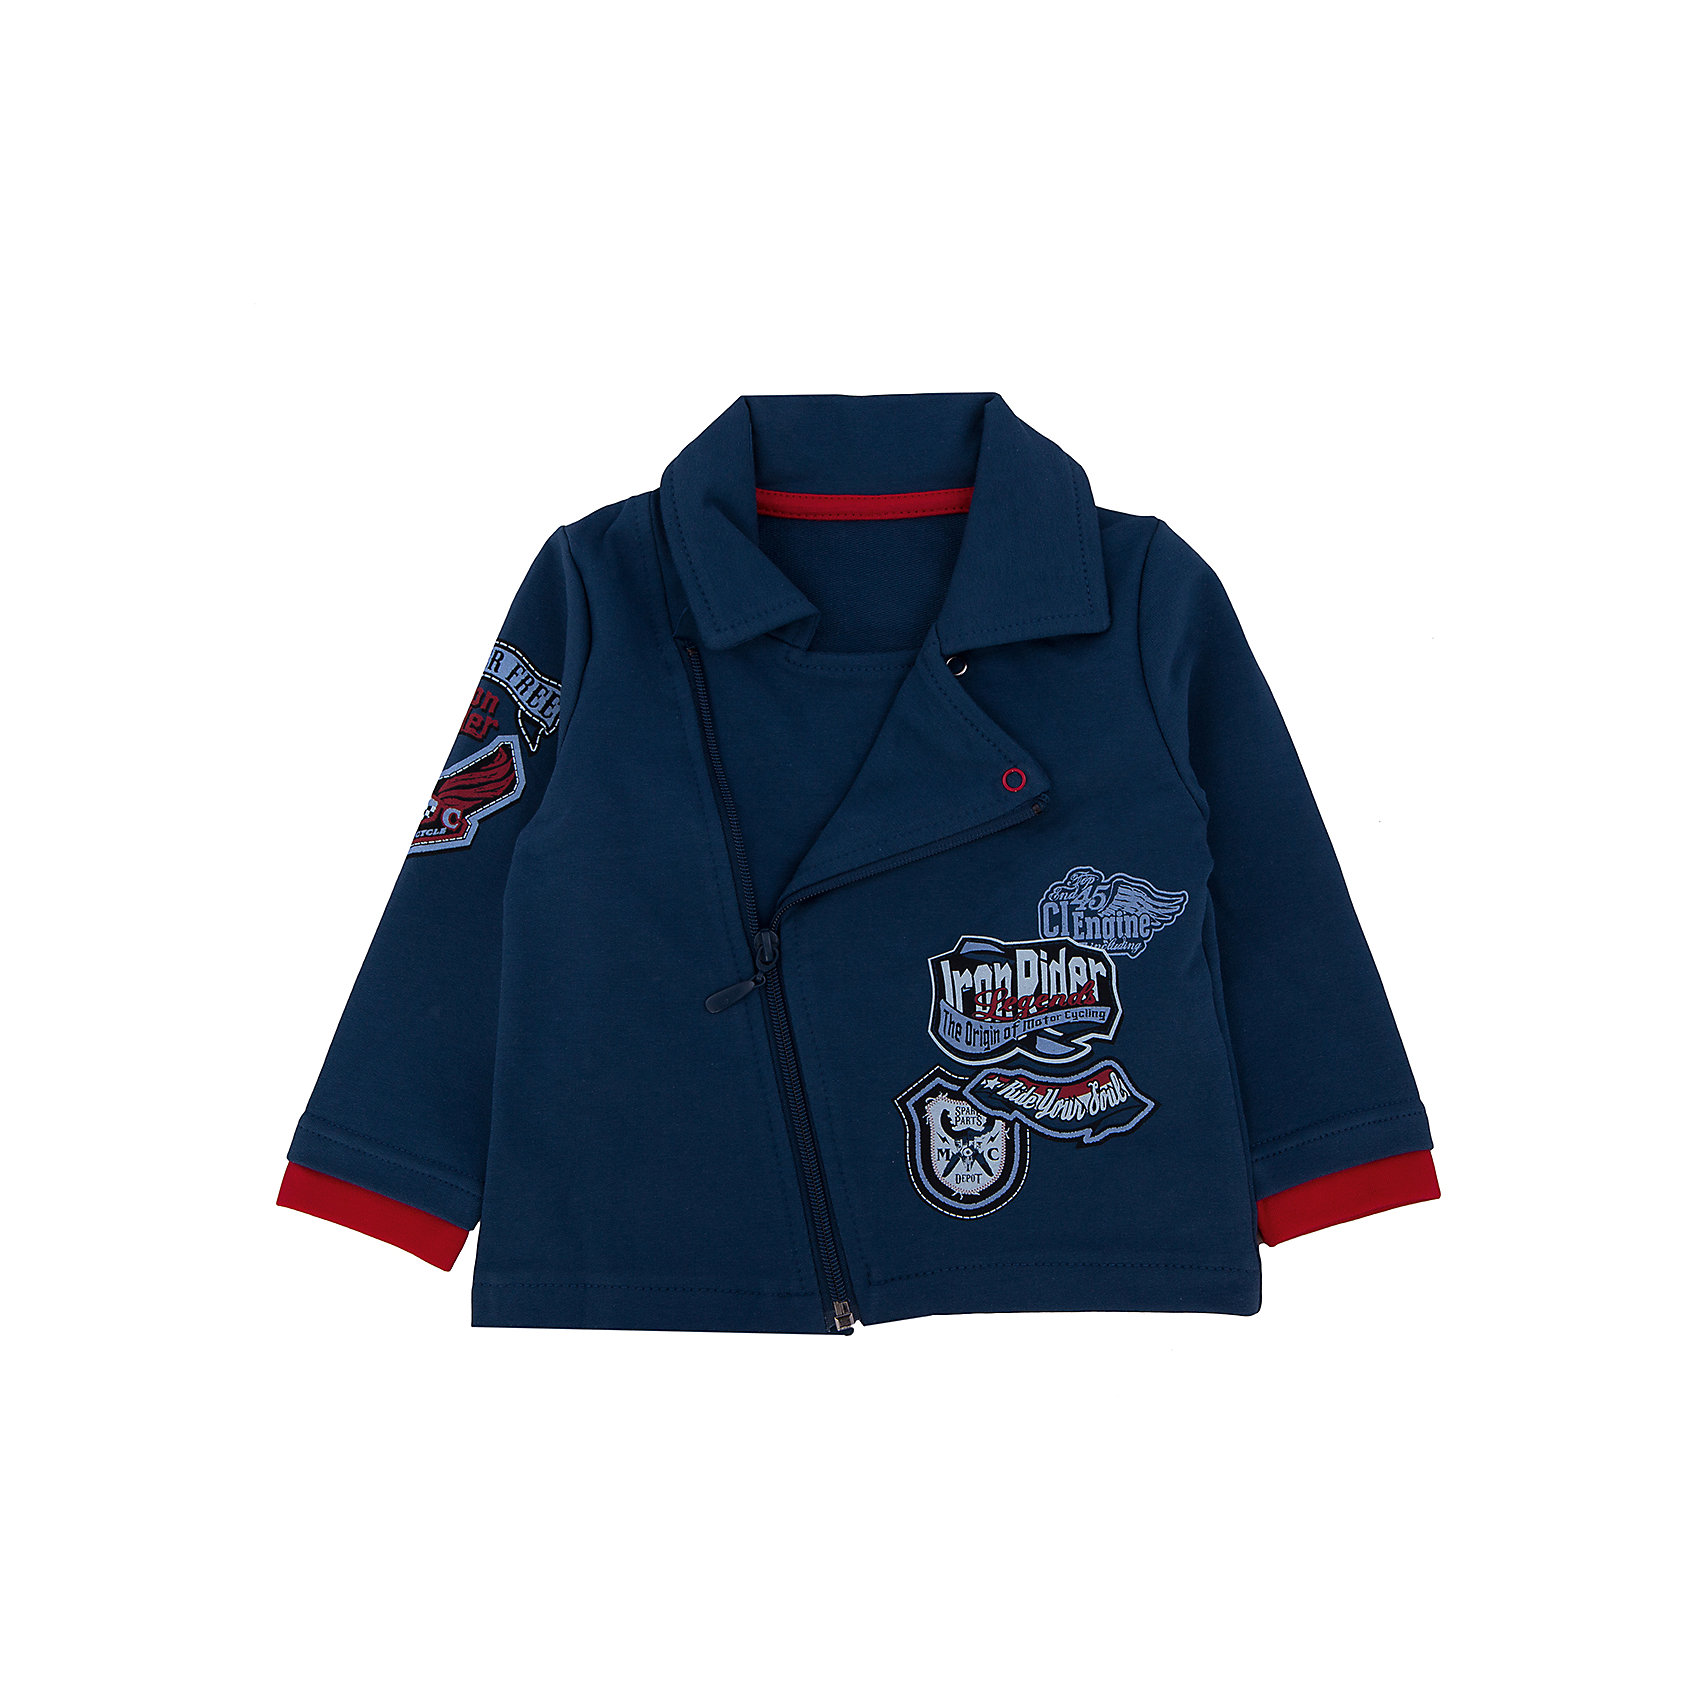 Куртка для мальчика АпрельОригинальная куртка из мягкого хлопка. Приятная на ощупь, не сковывает движения, обеспечивая наибольший комфорт. Изделие с длинными рукавами и отложным воротничком, застегивается на косую молнию по принципу косухи, украшен дизайнерским брутальным принтом. Индивидуальный дизайн и модная расцветка делают этот комплект незаменимым предметом детского гардероба. Состав: 95% хлопок, 5% лайкра<br><br>Ширина мм: 356<br>Глубина мм: 10<br>Высота мм: 245<br>Вес г: 519<br>Цвет: синий<br>Возраст от месяцев: 12<br>Возраст до месяцев: 15<br>Пол: Мужской<br>Возраст: Детский<br>Размер: 80,74<br>SKU: 4630890